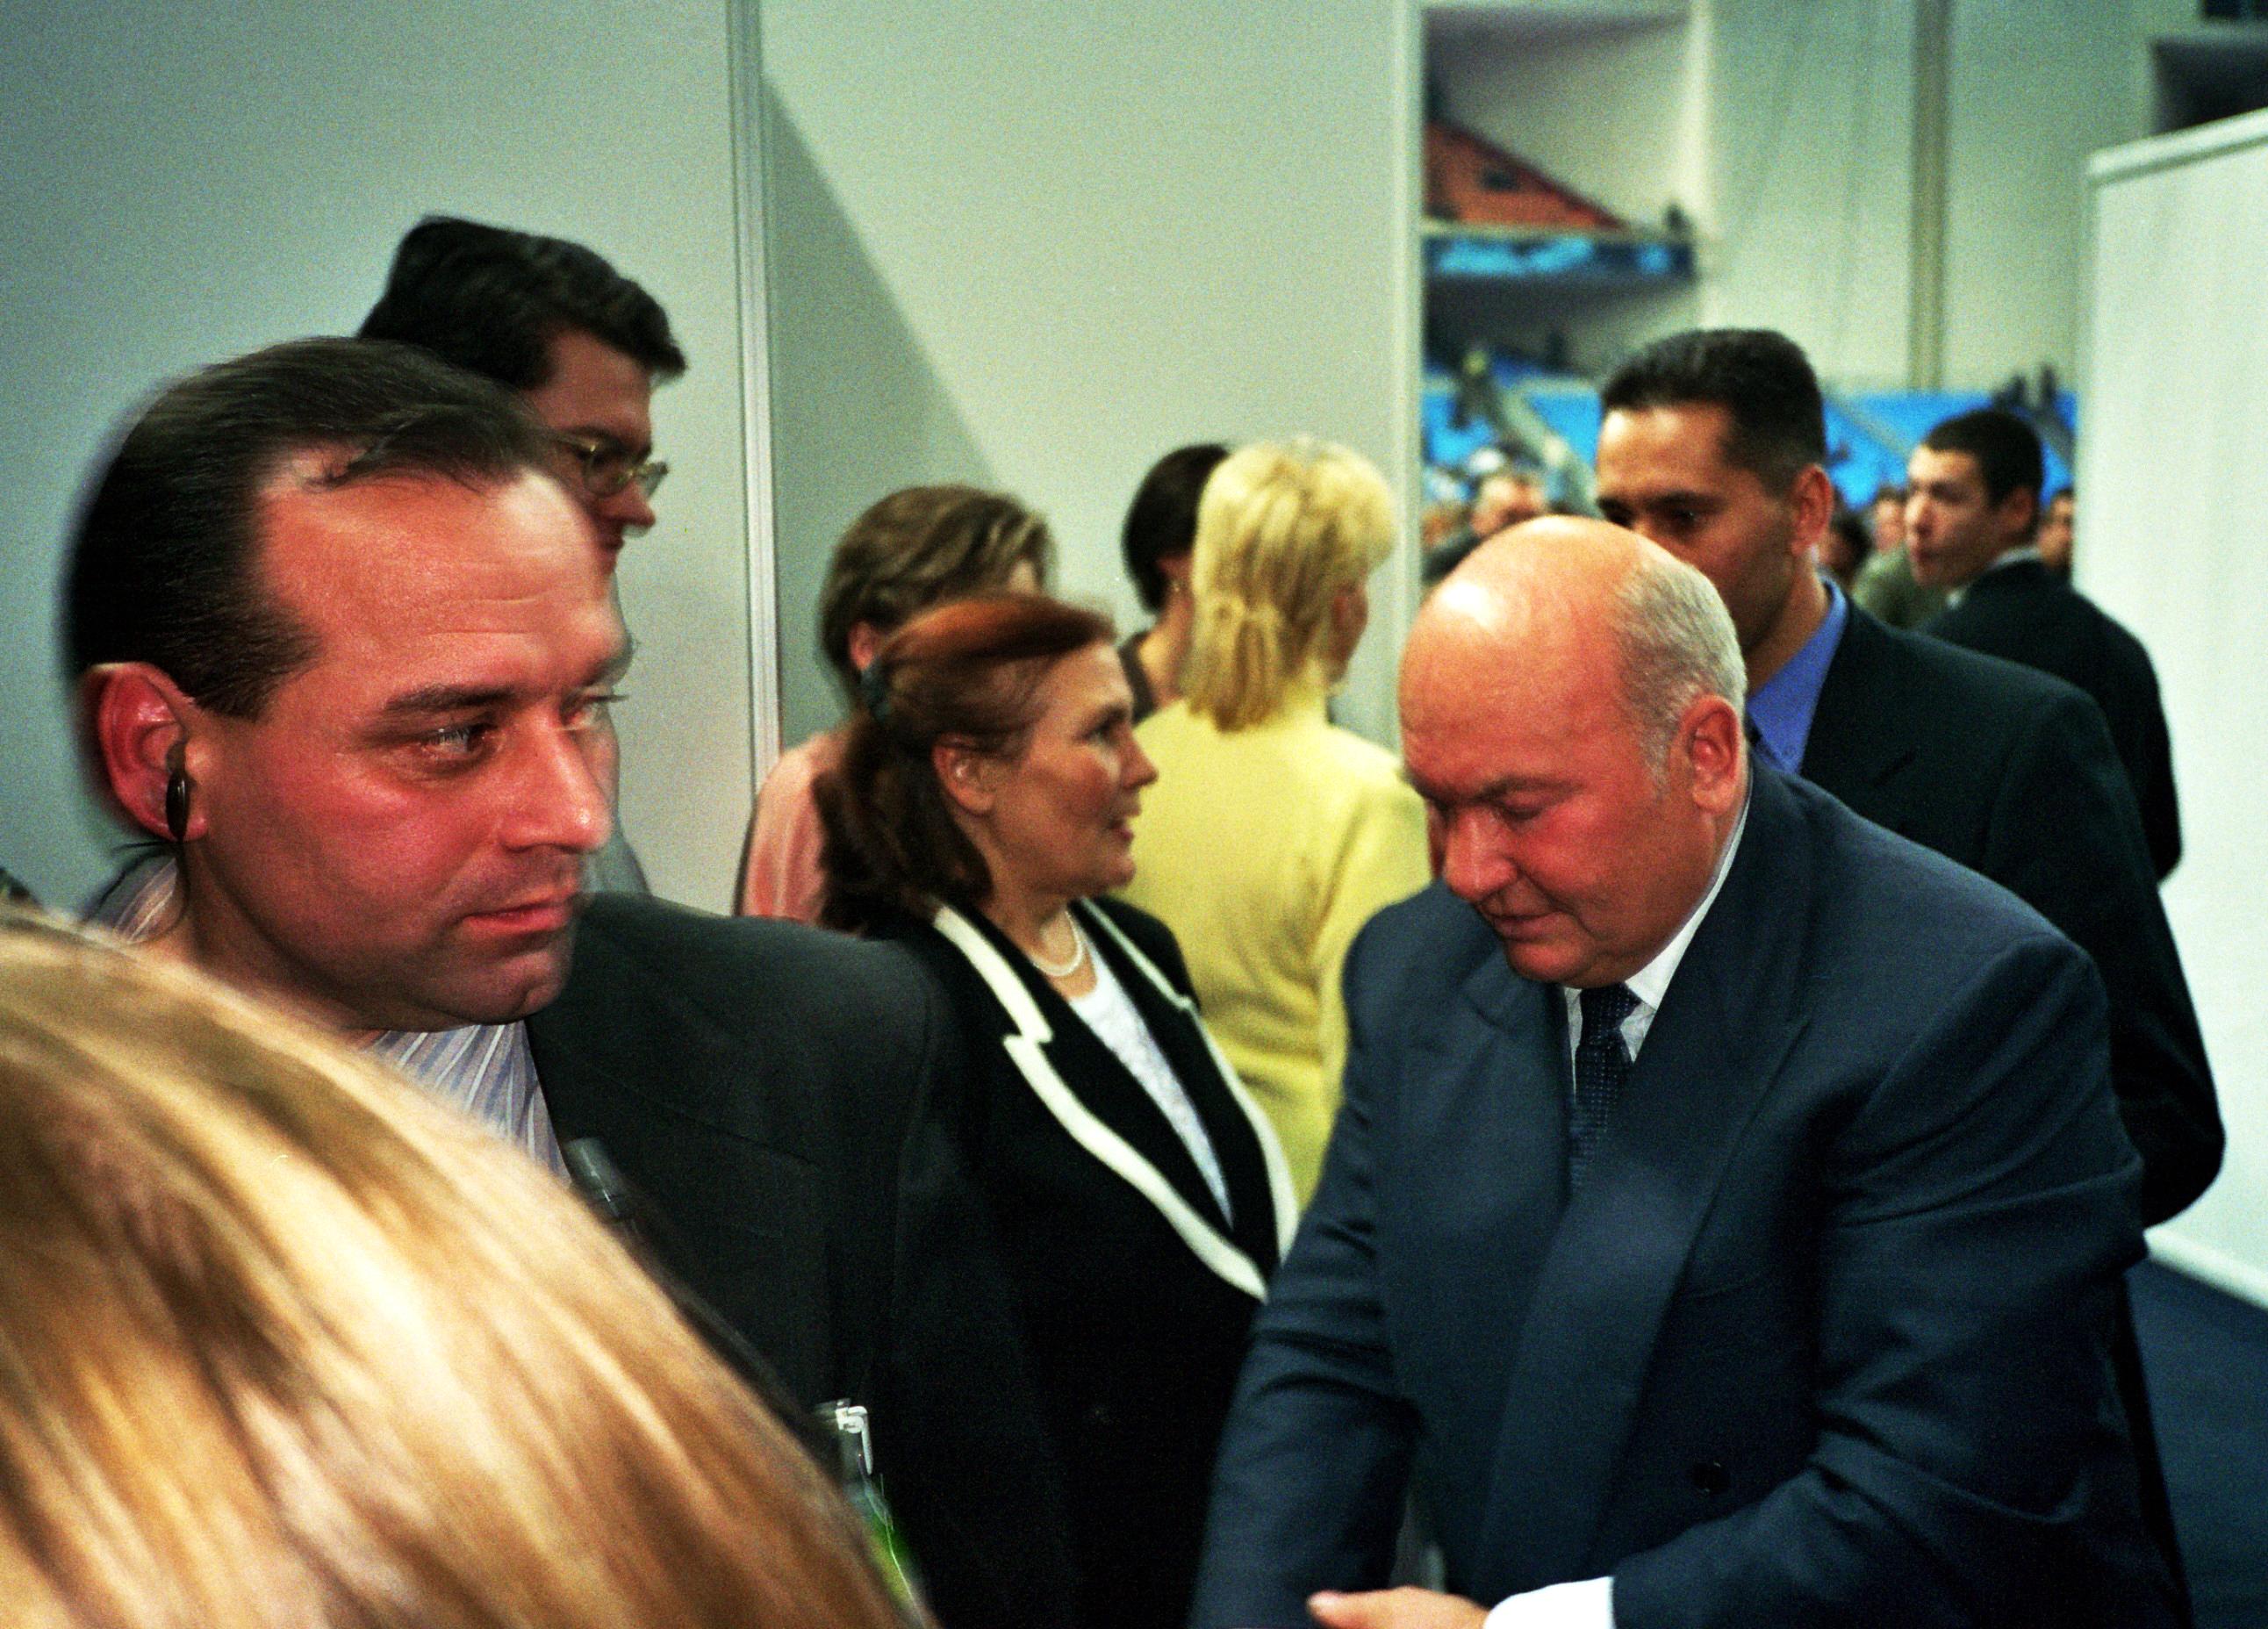 Лужков Юрий Михайлович мэр Москвы на международном теннисном турнире ATP-Tour Кубок Кремля 2001